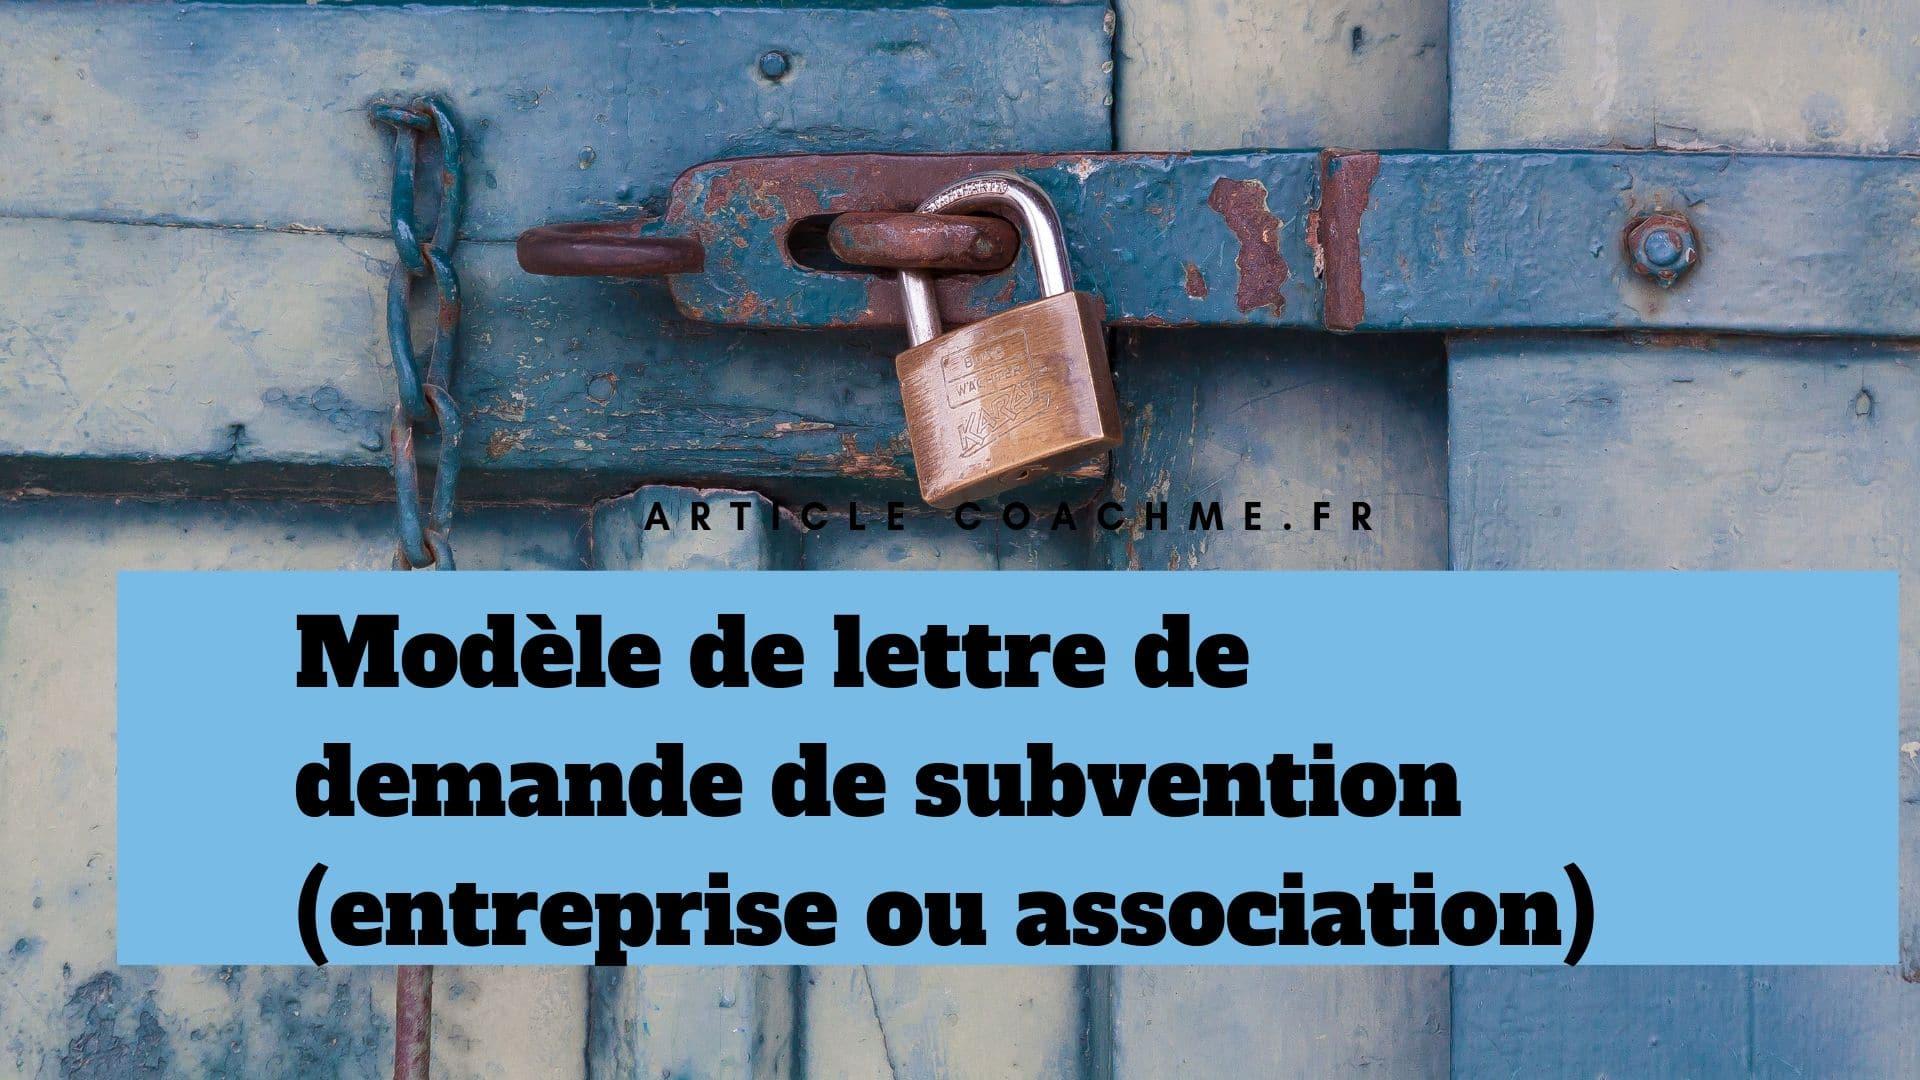 Modele Lettre De Demande De Subvention Entreprise Asso